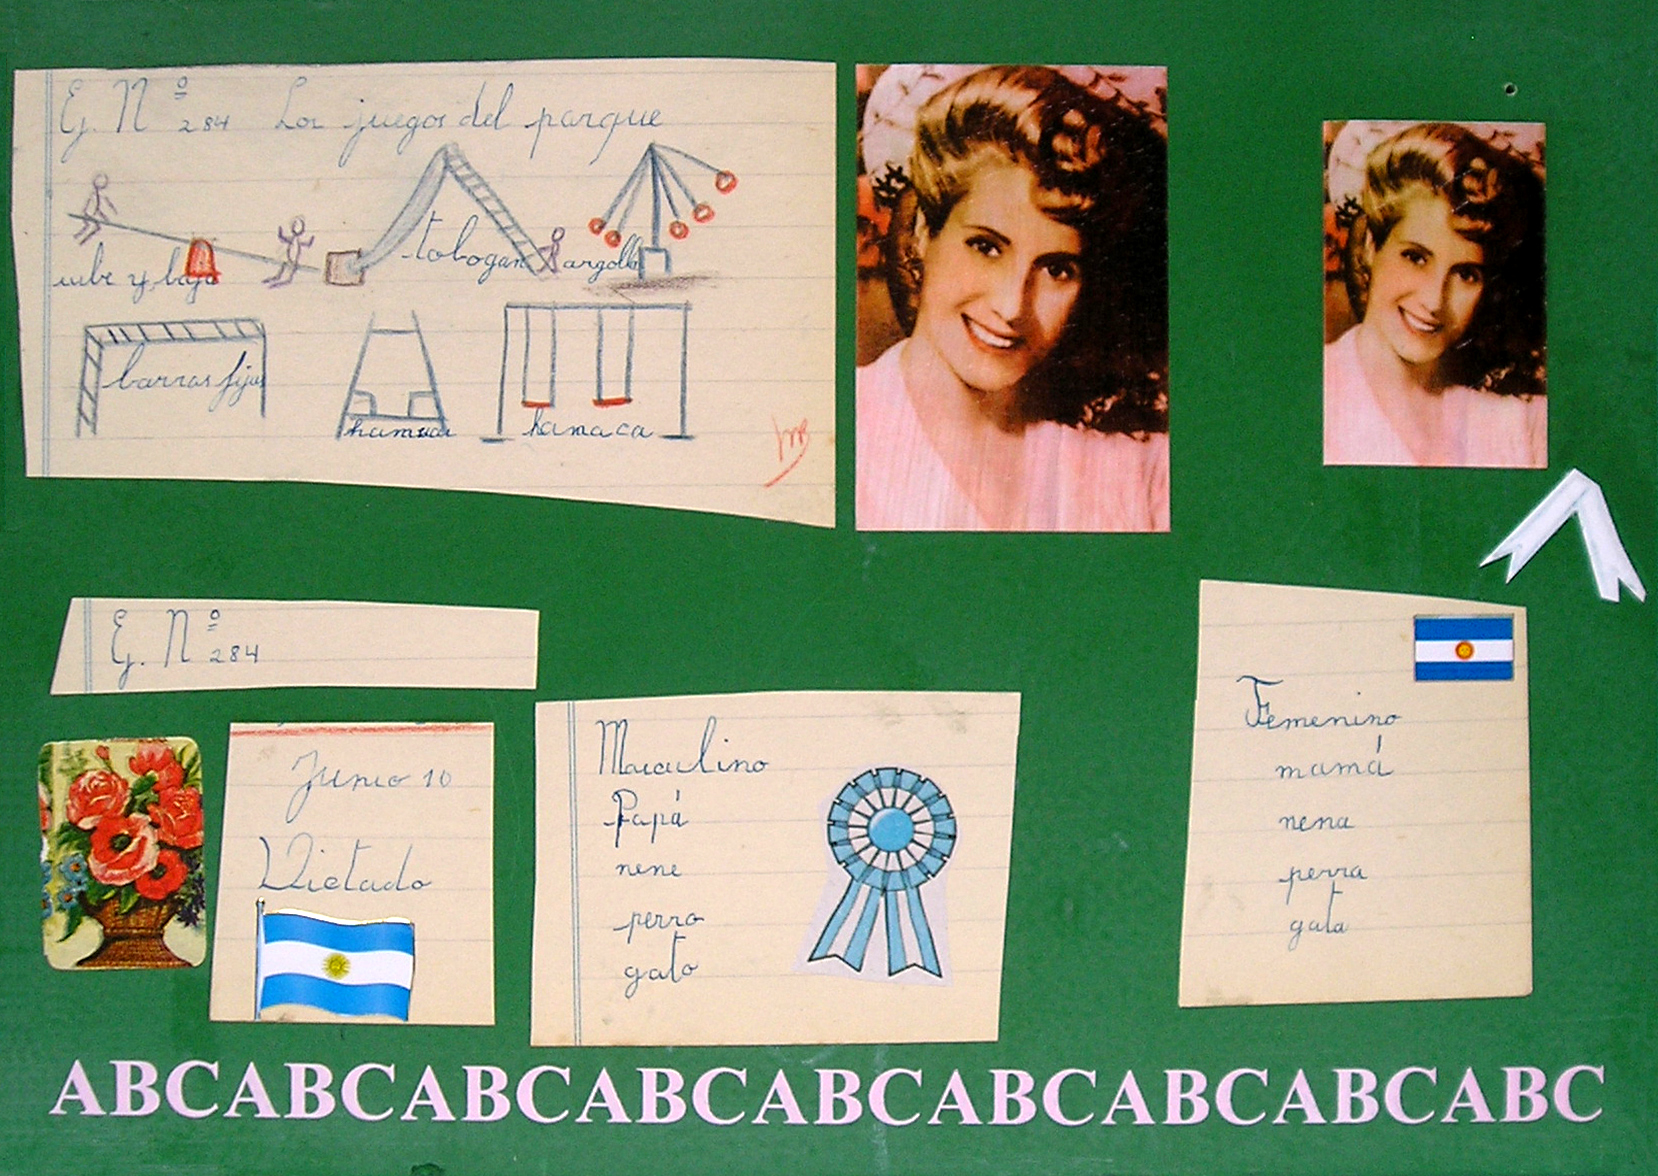 Evita Maestra recorre el país, El Barrio; serie, técnica mixta sobre pizarrón; 21 x 30 cm, 2007